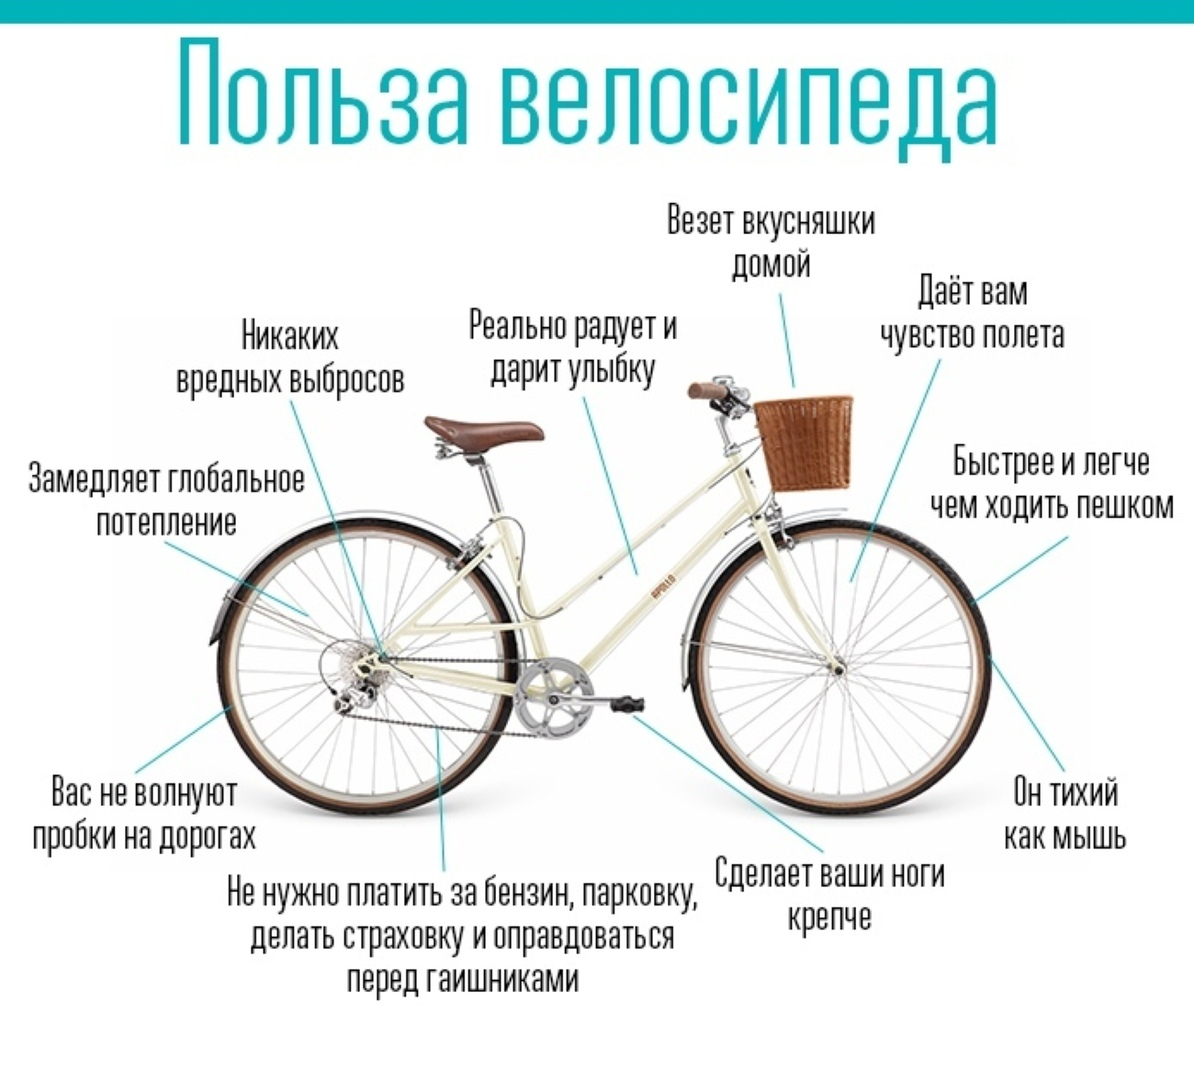 Велосипедистам рекомендуют зарегистрировать транспорт в полиции « бнк